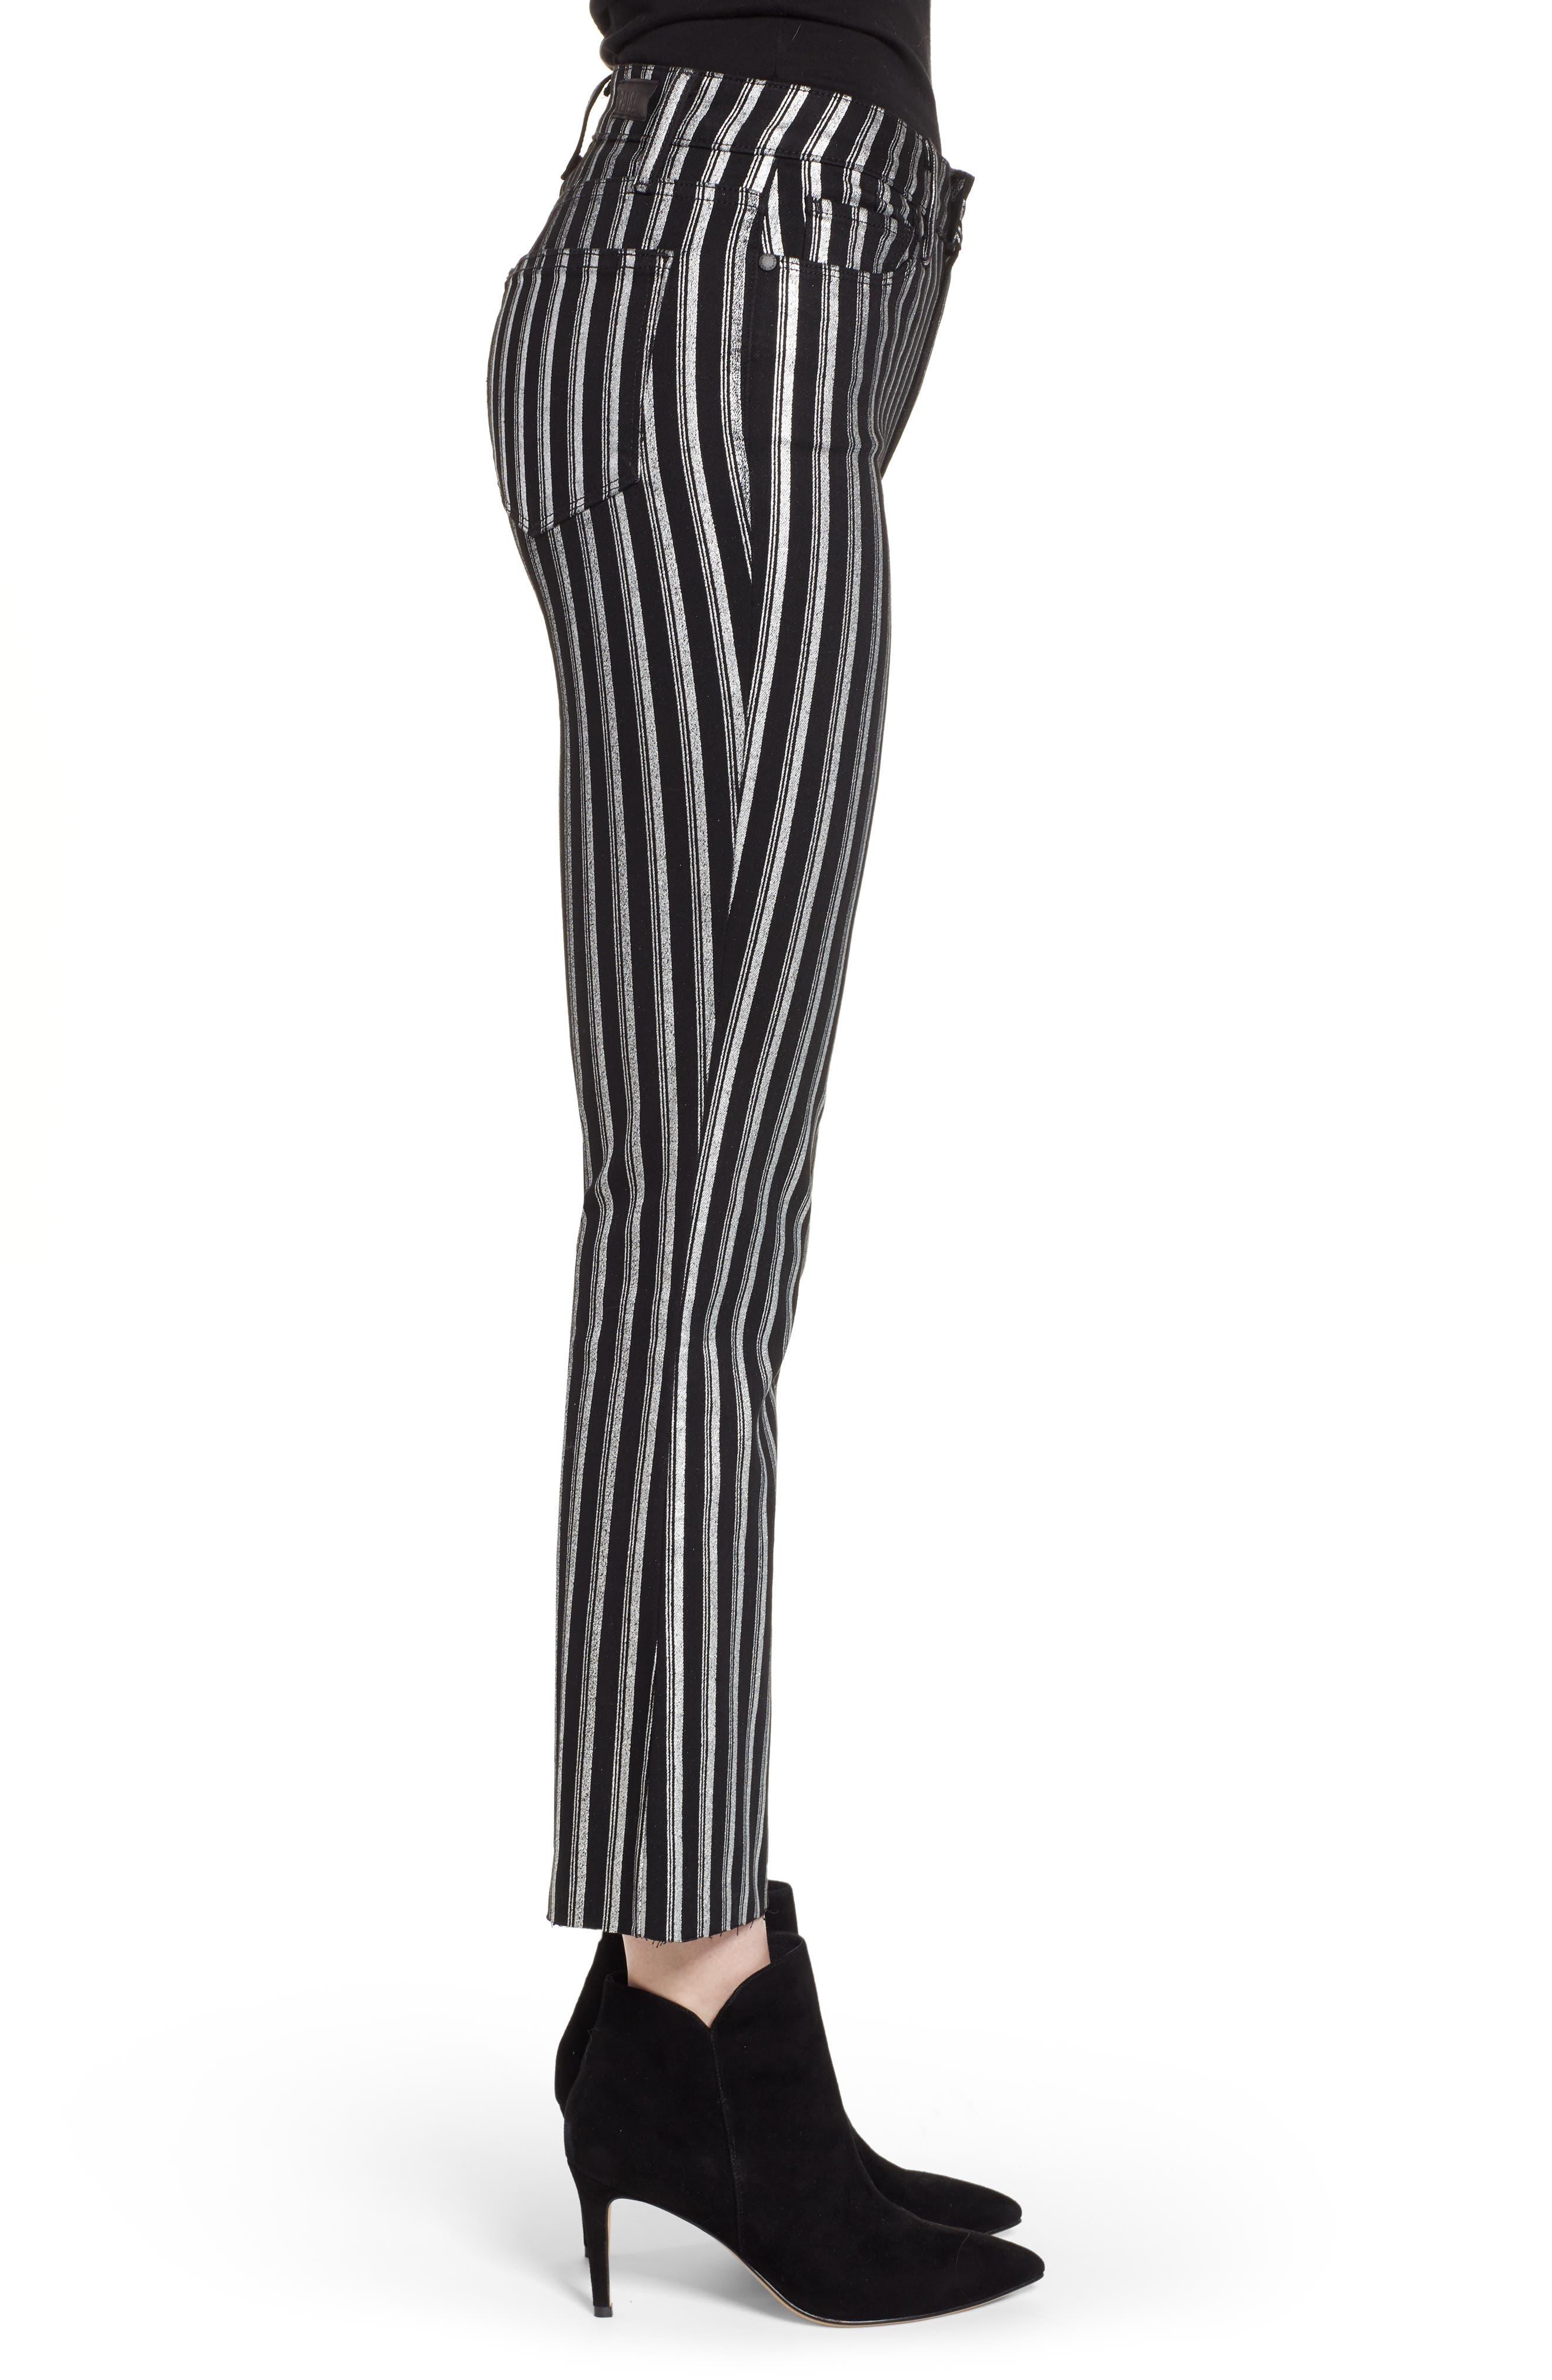 PAIGE, Colette High Waist Crop Flare Jeans, Alternate thumbnail 3, color, SILVER STRIPE